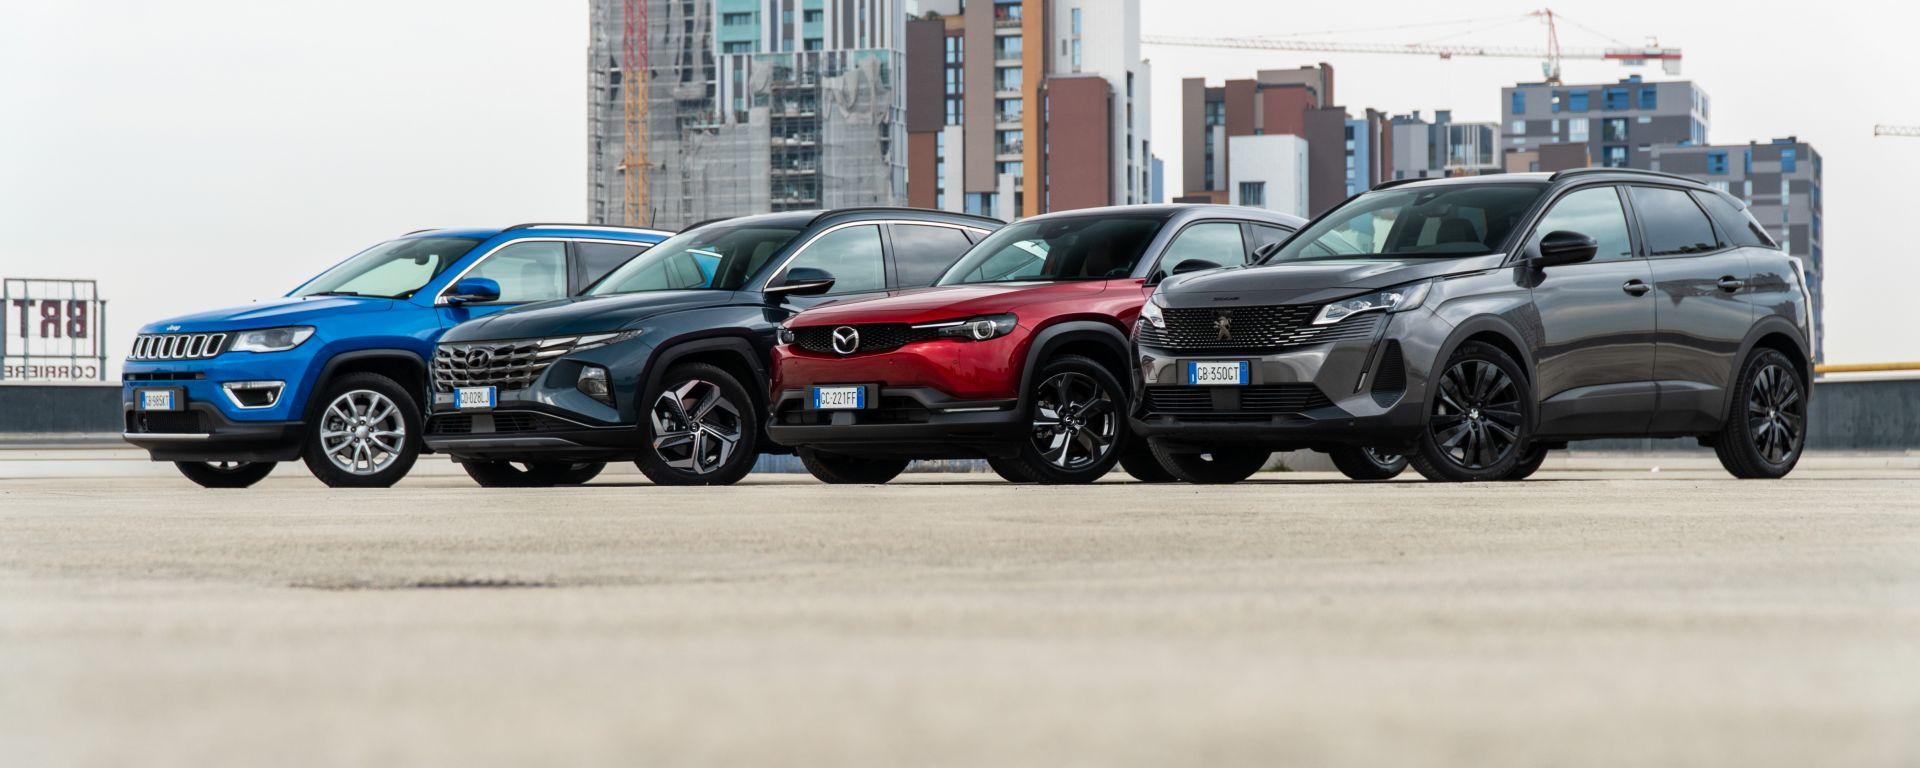 Diesel contro tutti: la comparativa di quattro SUV medi alla prova verità dei consumi